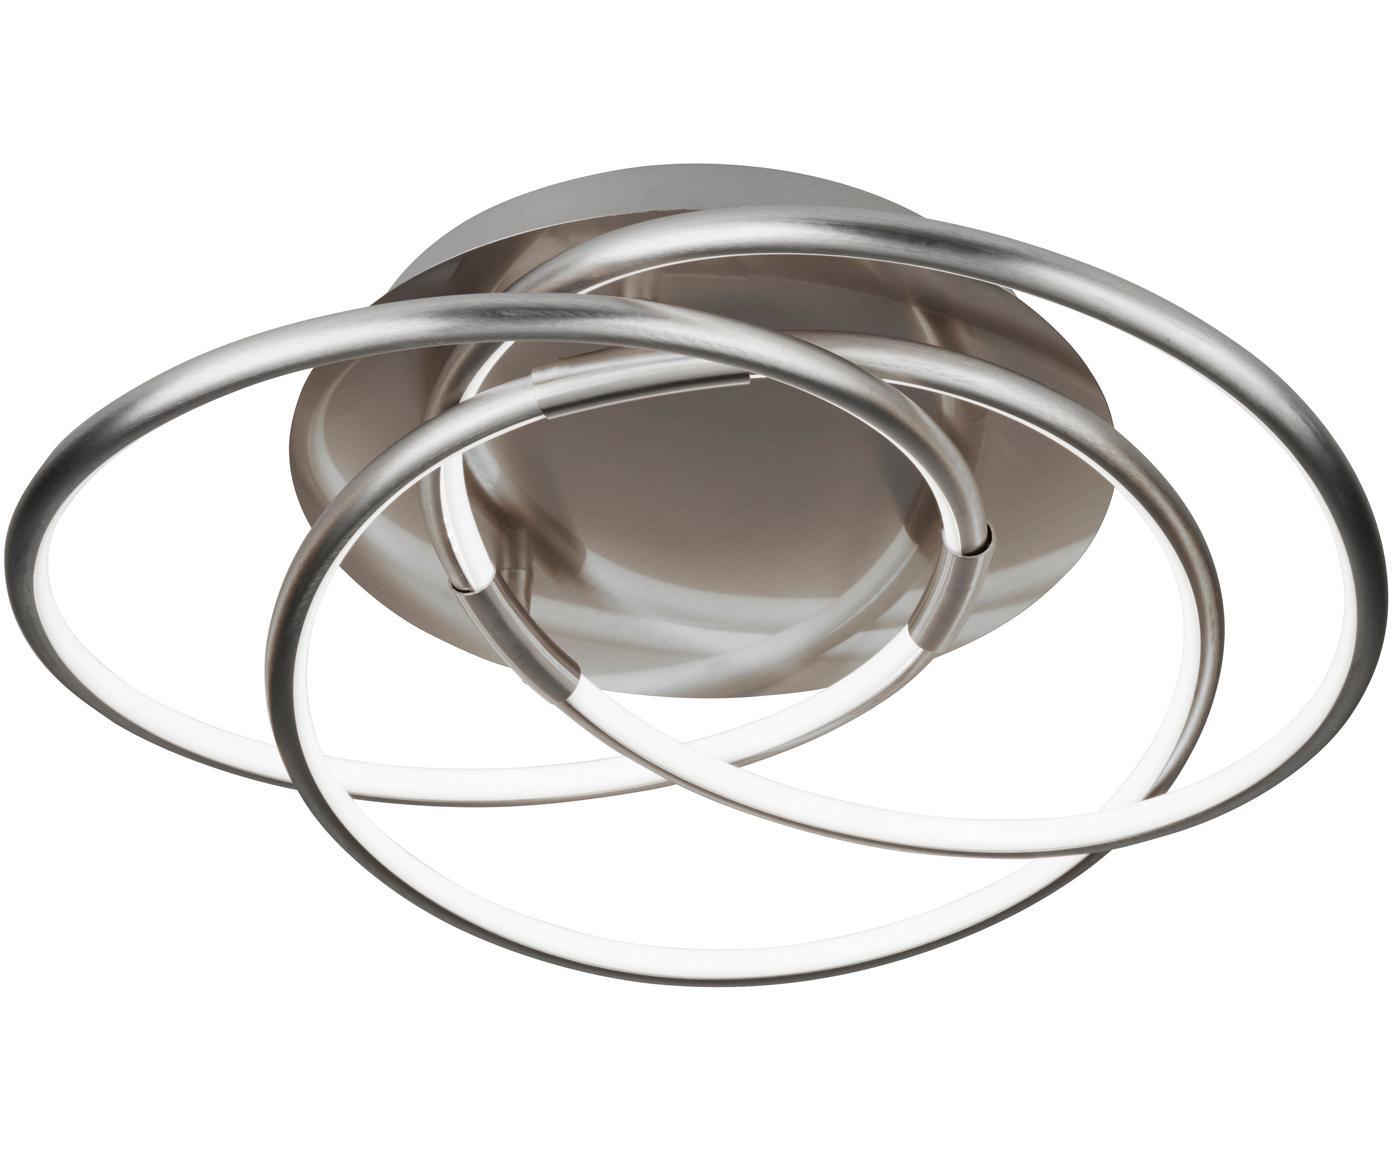 LED plafondlamp Magic, Geborsteld aluminium, Aluminium, Ø 48 x H 22 cm